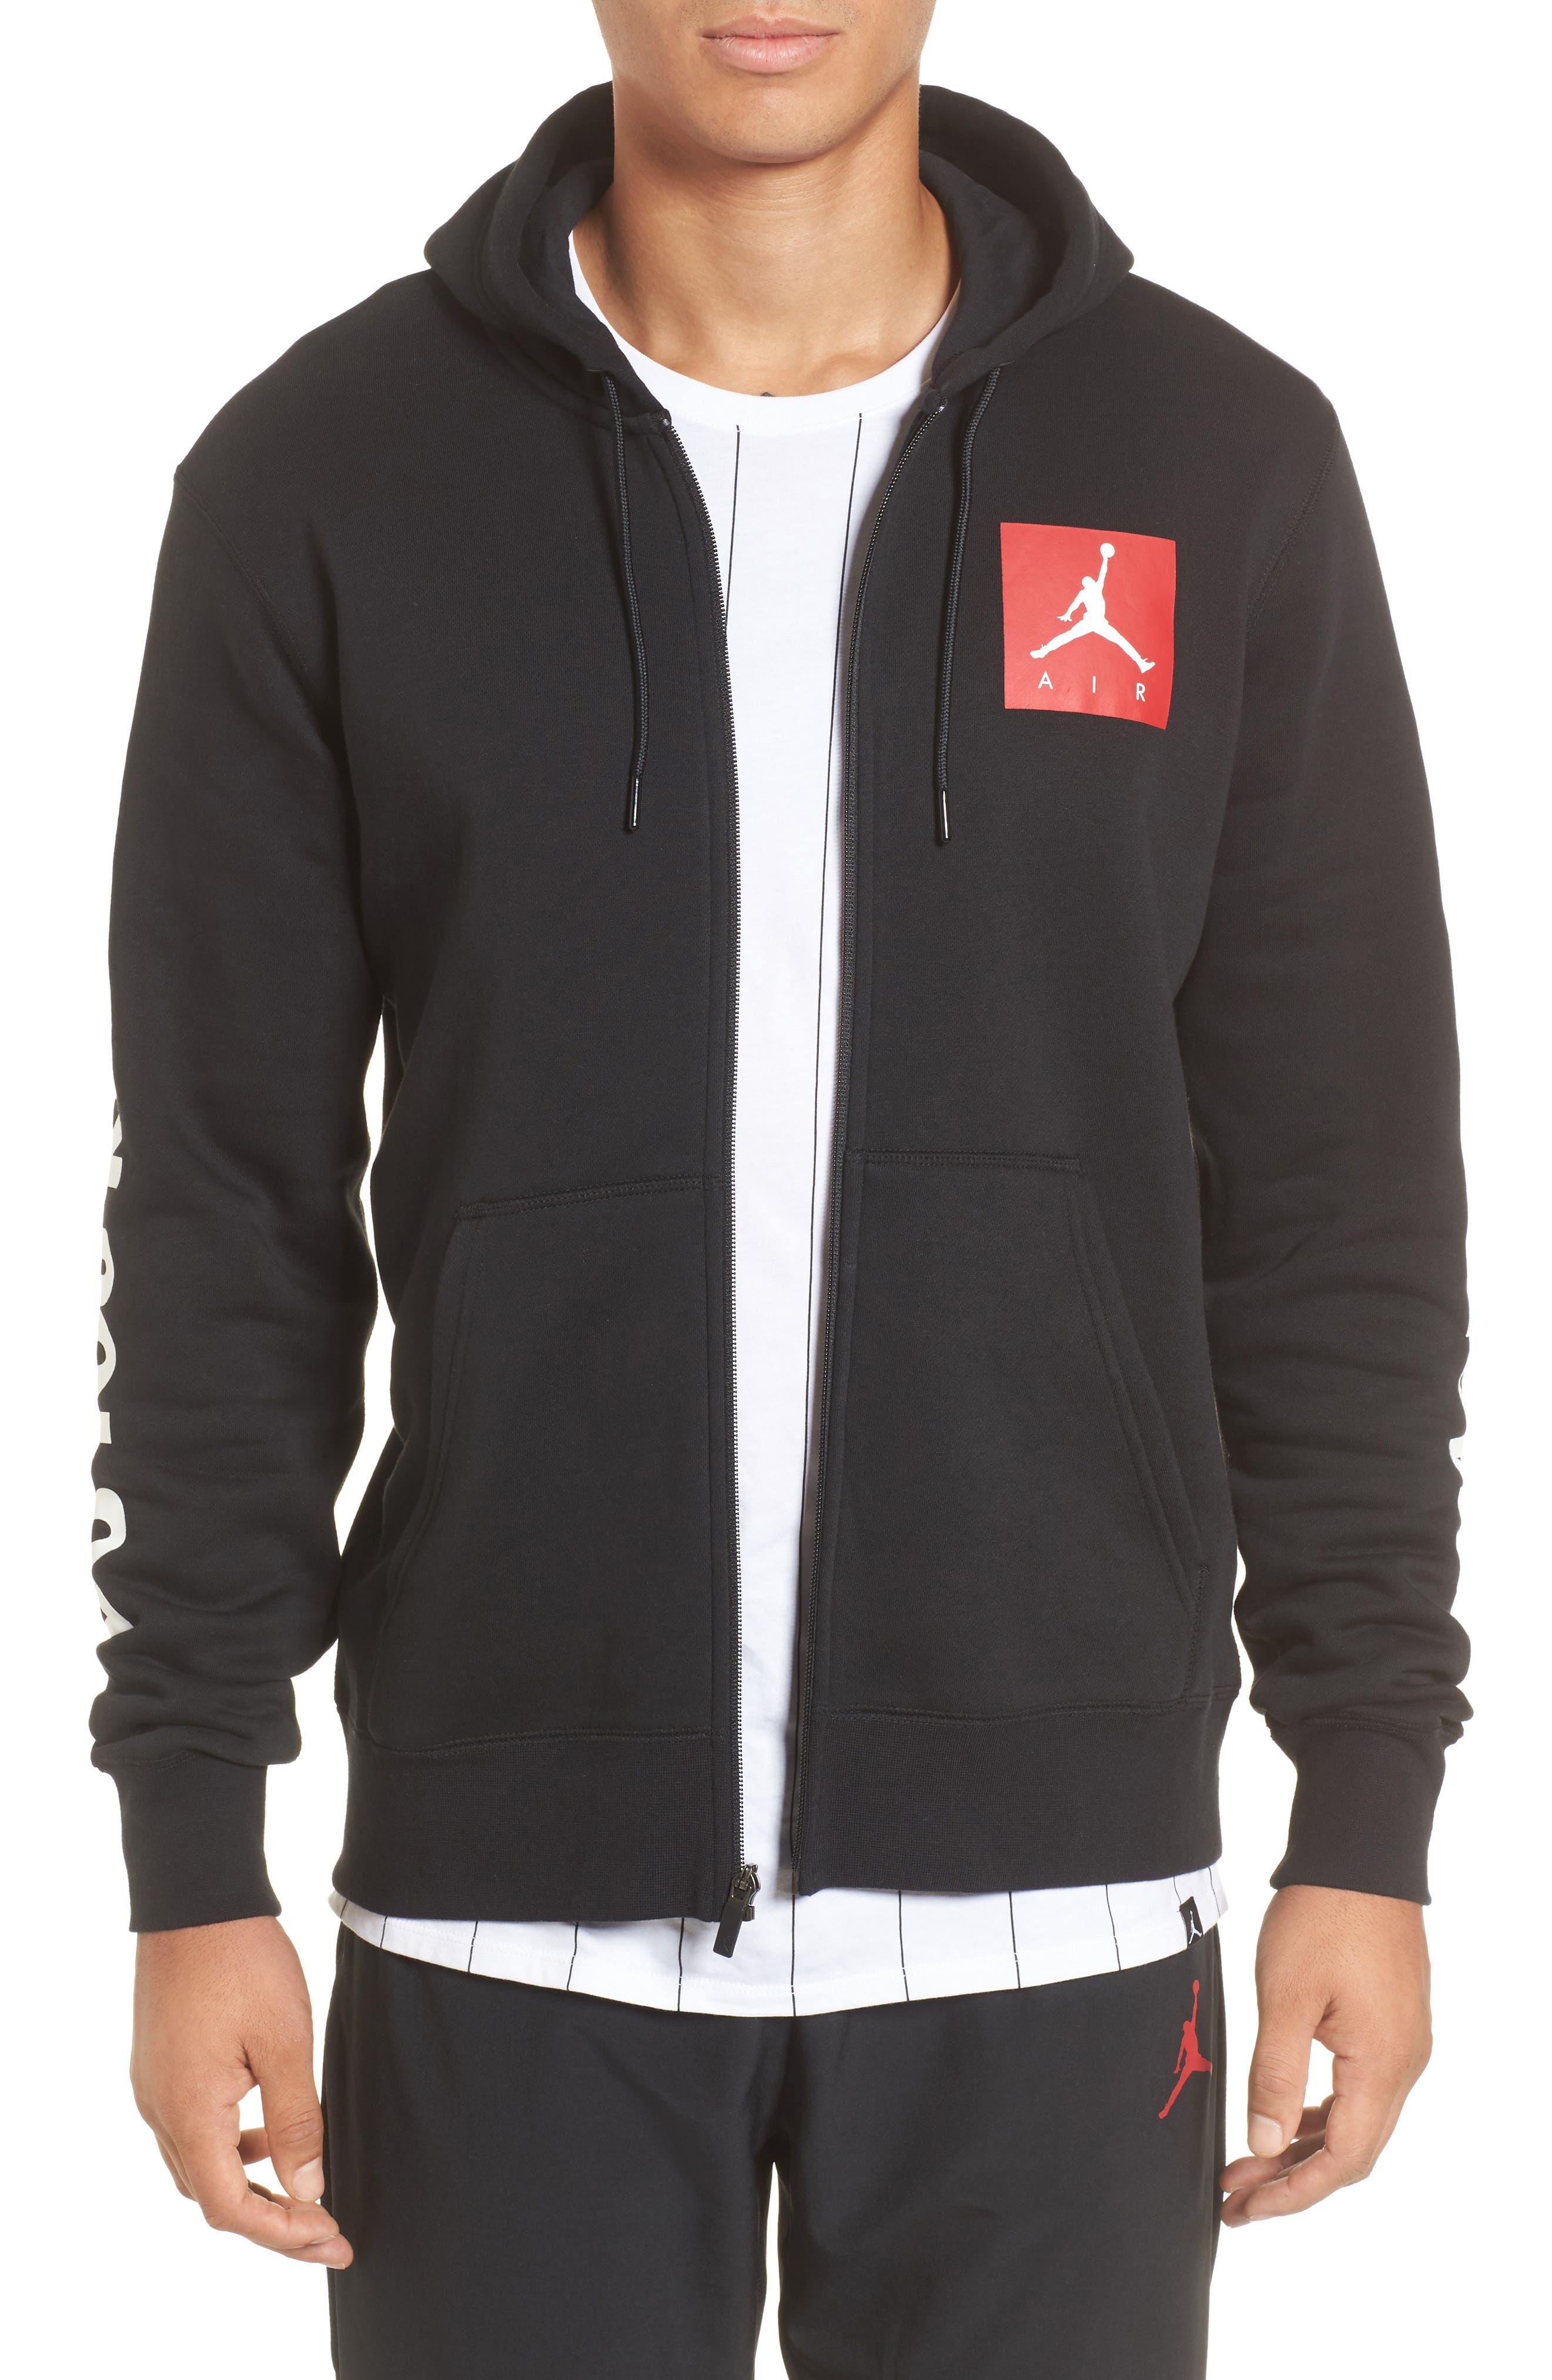 Flight Fleece AJ3 Zip Hoodie,                         Main,                         color, Black/ Gym Red/ White